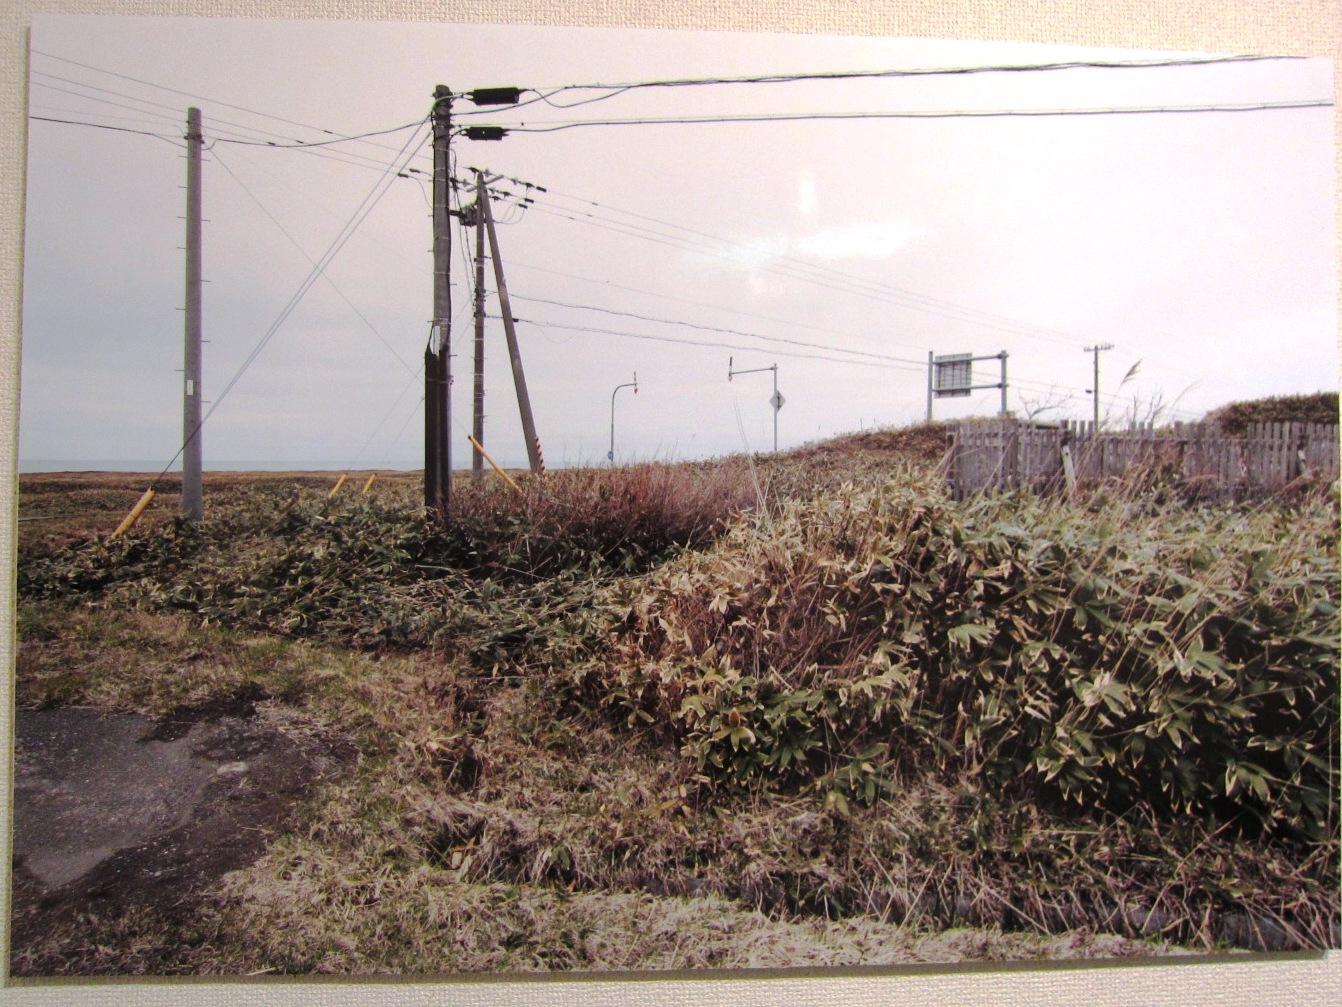 2526)⑦「群青後期『神成邦夫 写真展』」 アートスペース201 終了/2月4日(木)~2月9日(火)_f0126829_23582126.jpg